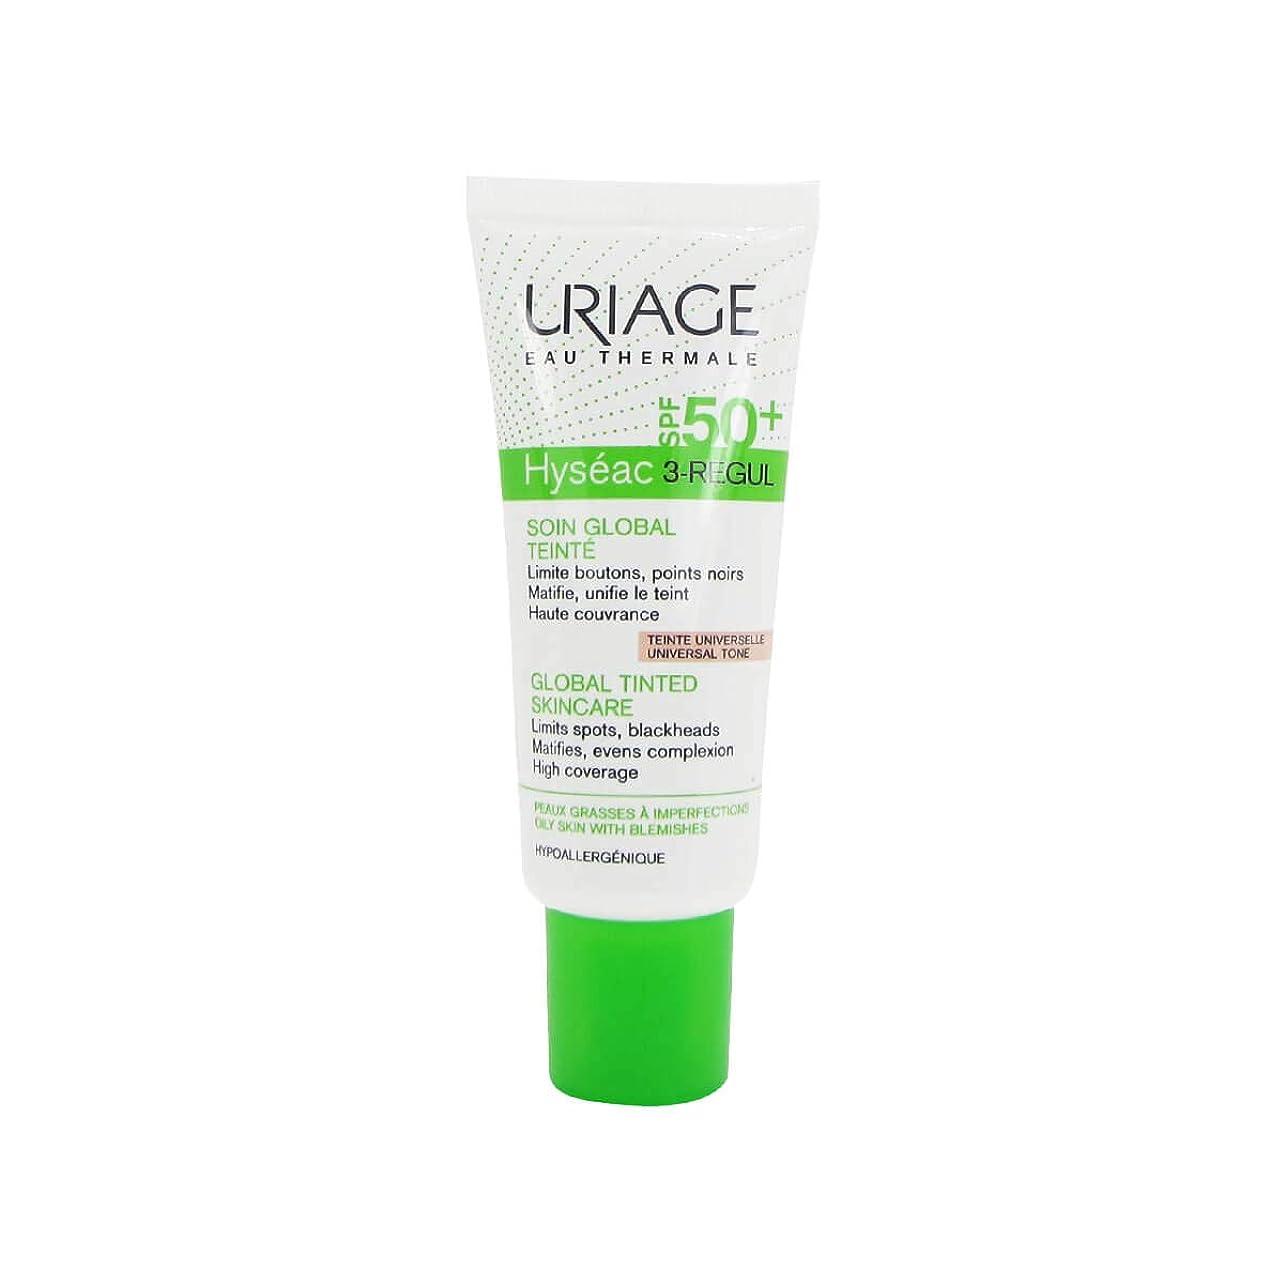 振る舞い各神経衰弱Uriage Hyseac 3-Regul Global Care With Color Spf50 40ml